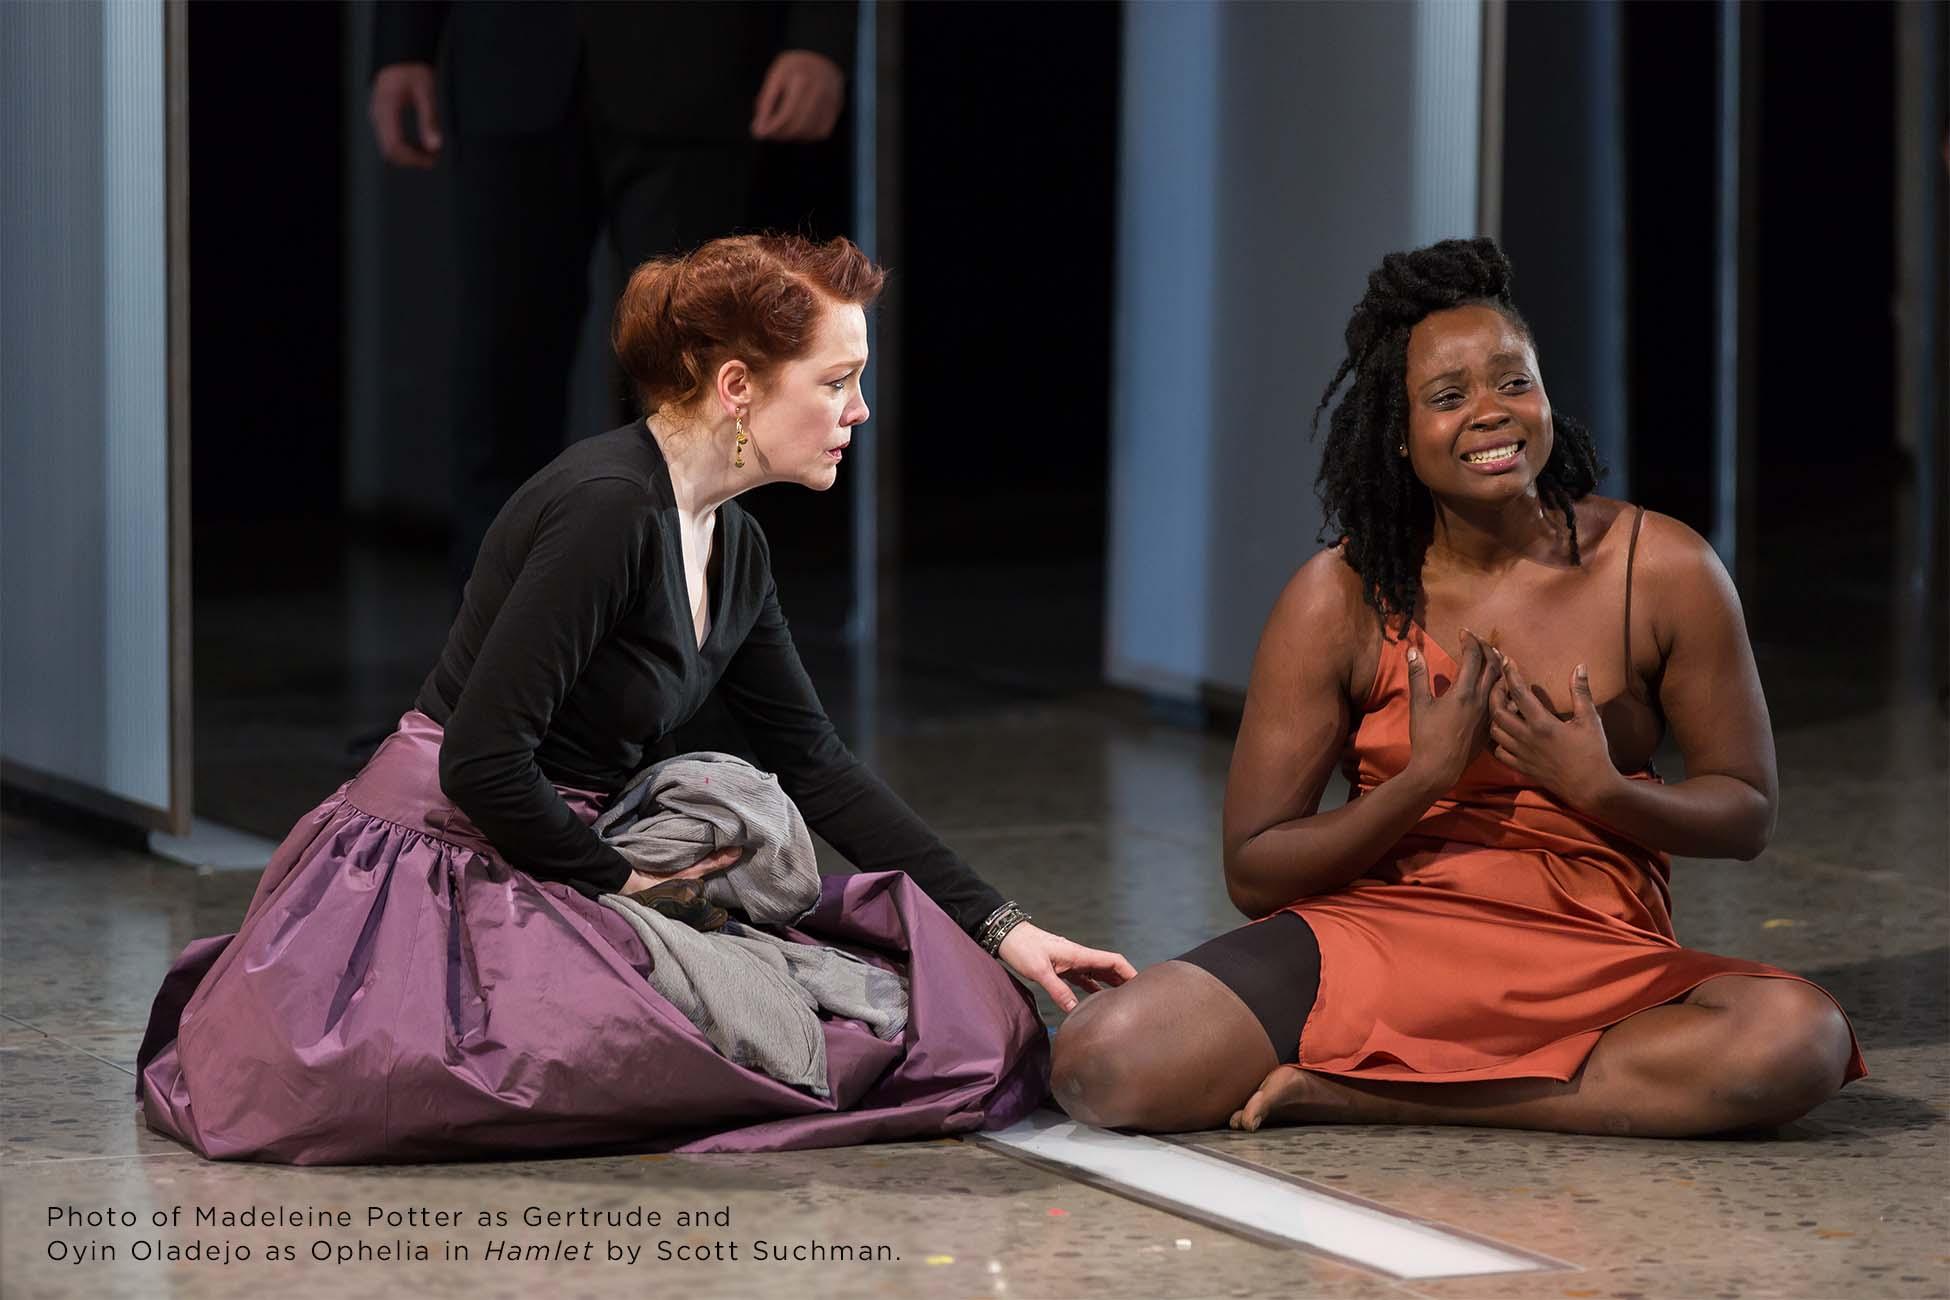 Photo of Madeleine Potter and Oyin Oladejo by Scott Suchman.